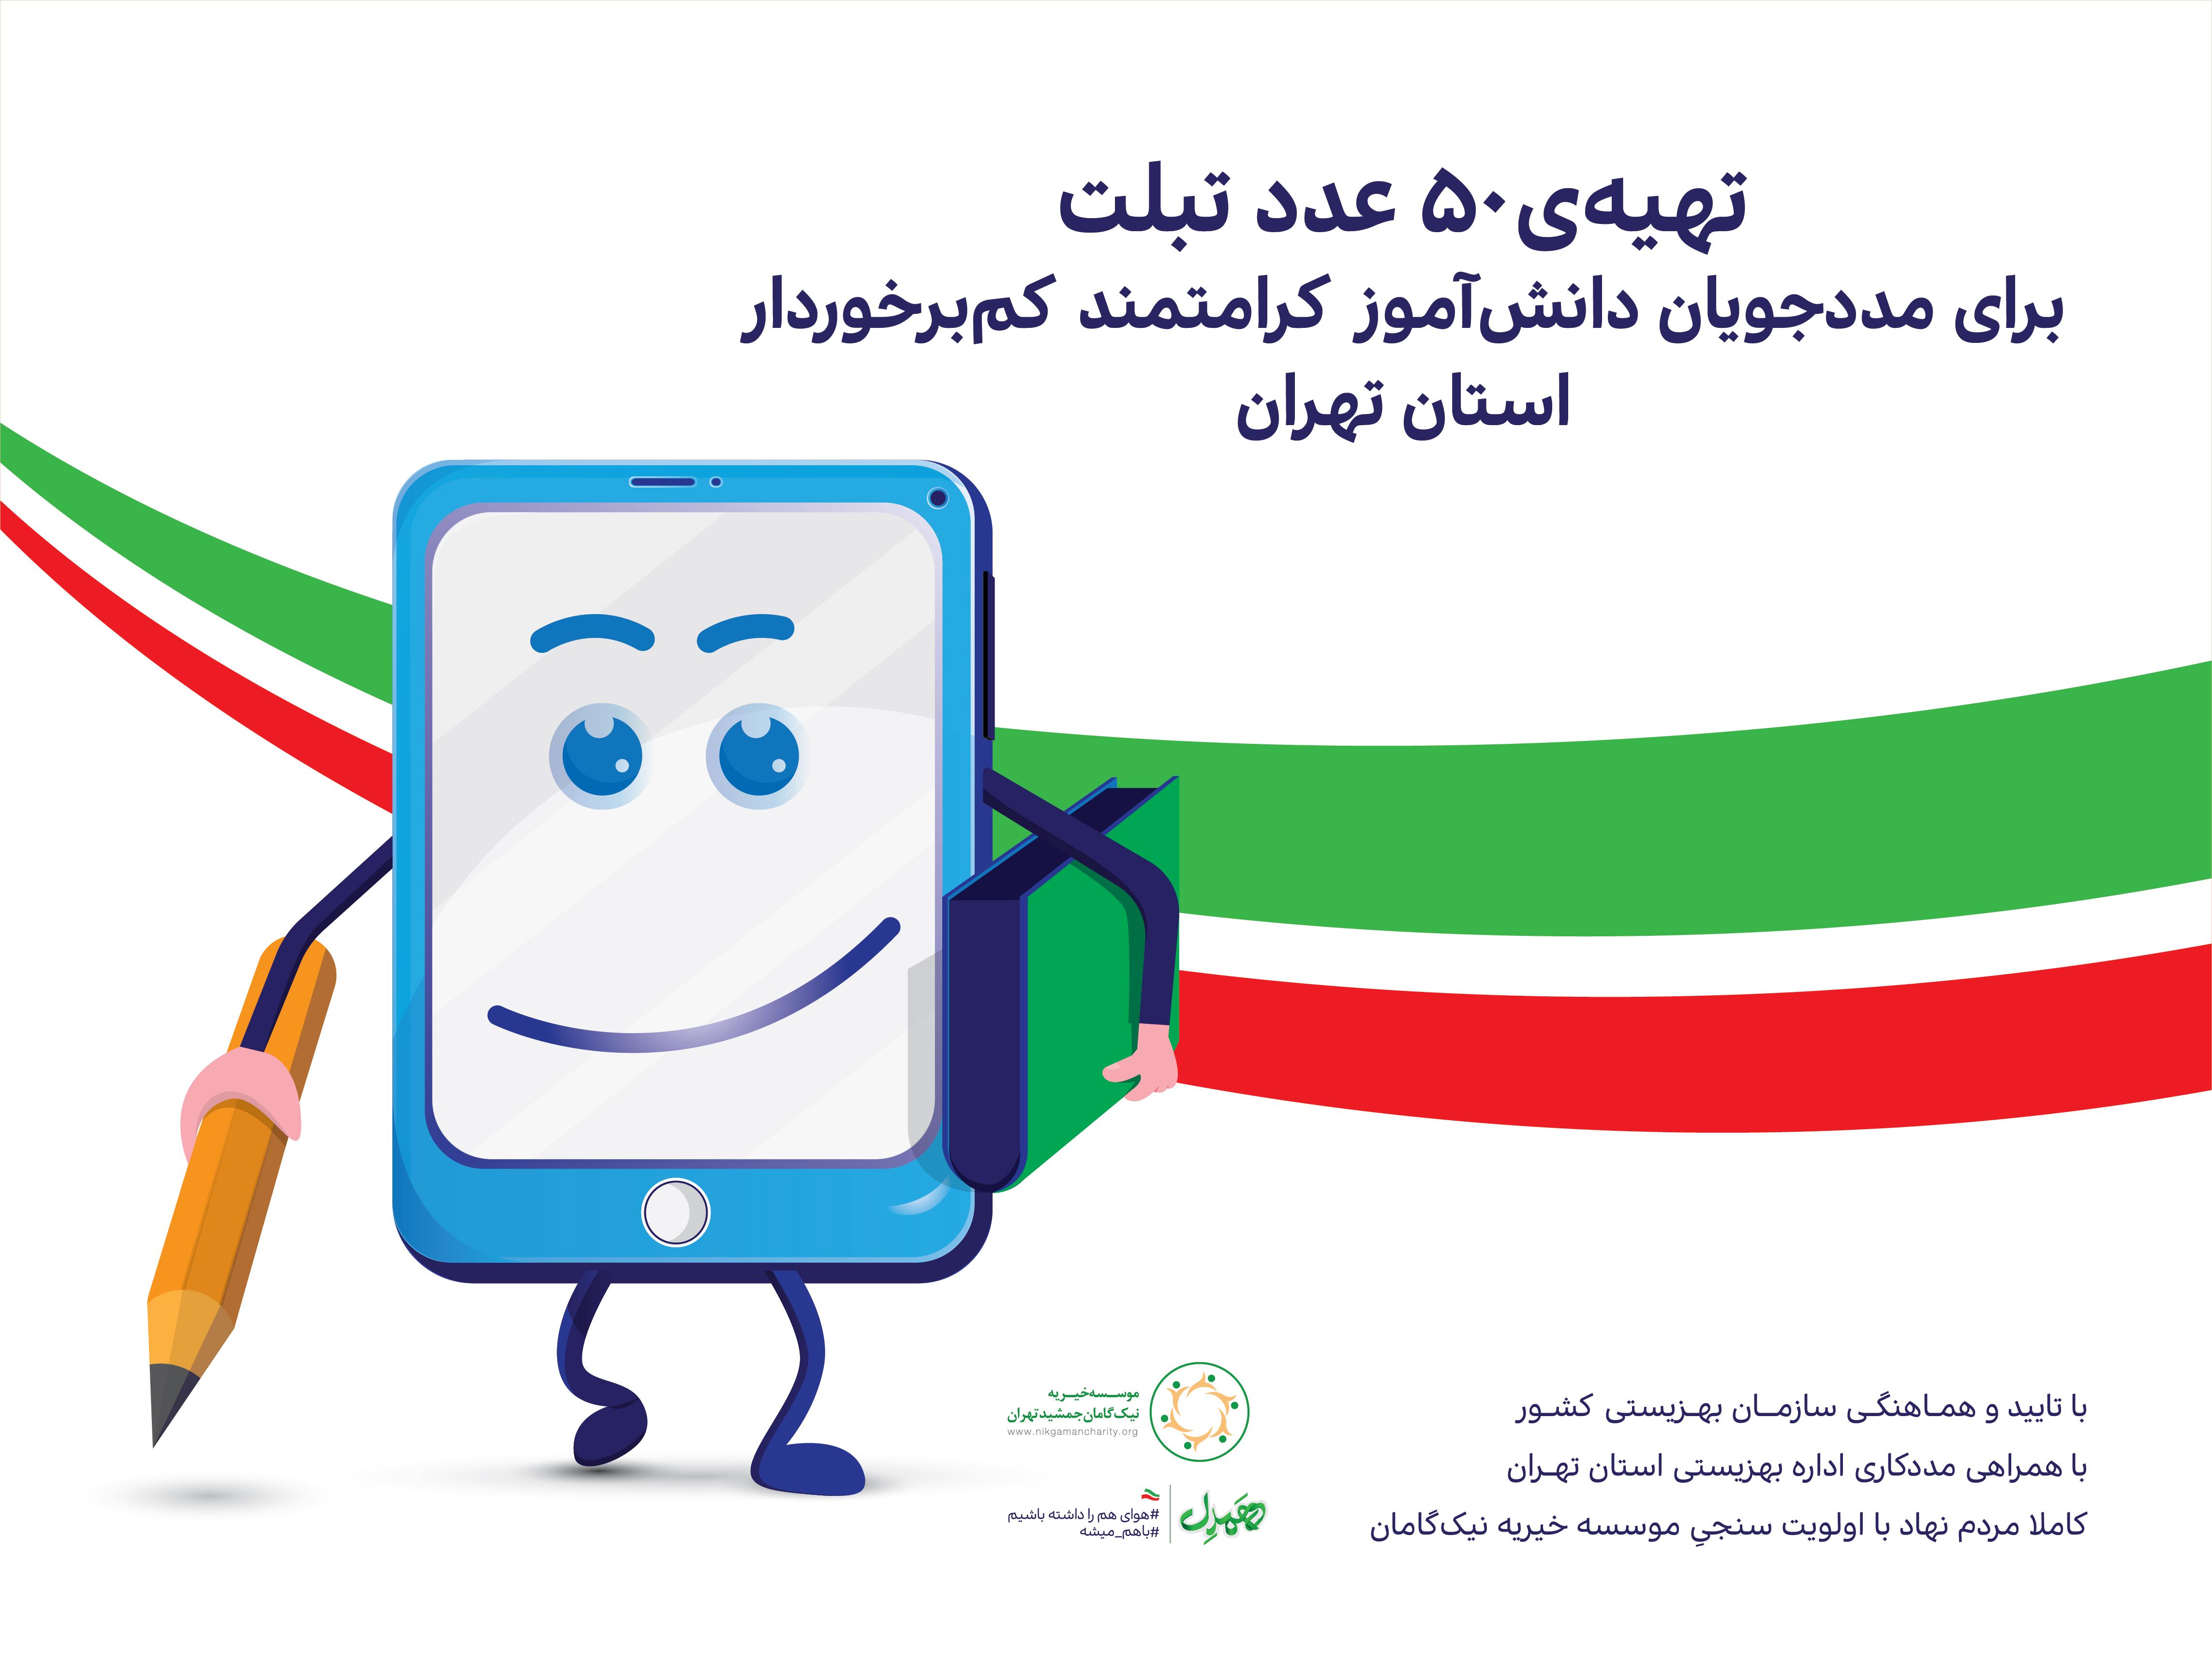 تهیه 50 عدد تبلت برای مددجویان دانش آموز کم برخوردار استان تهران